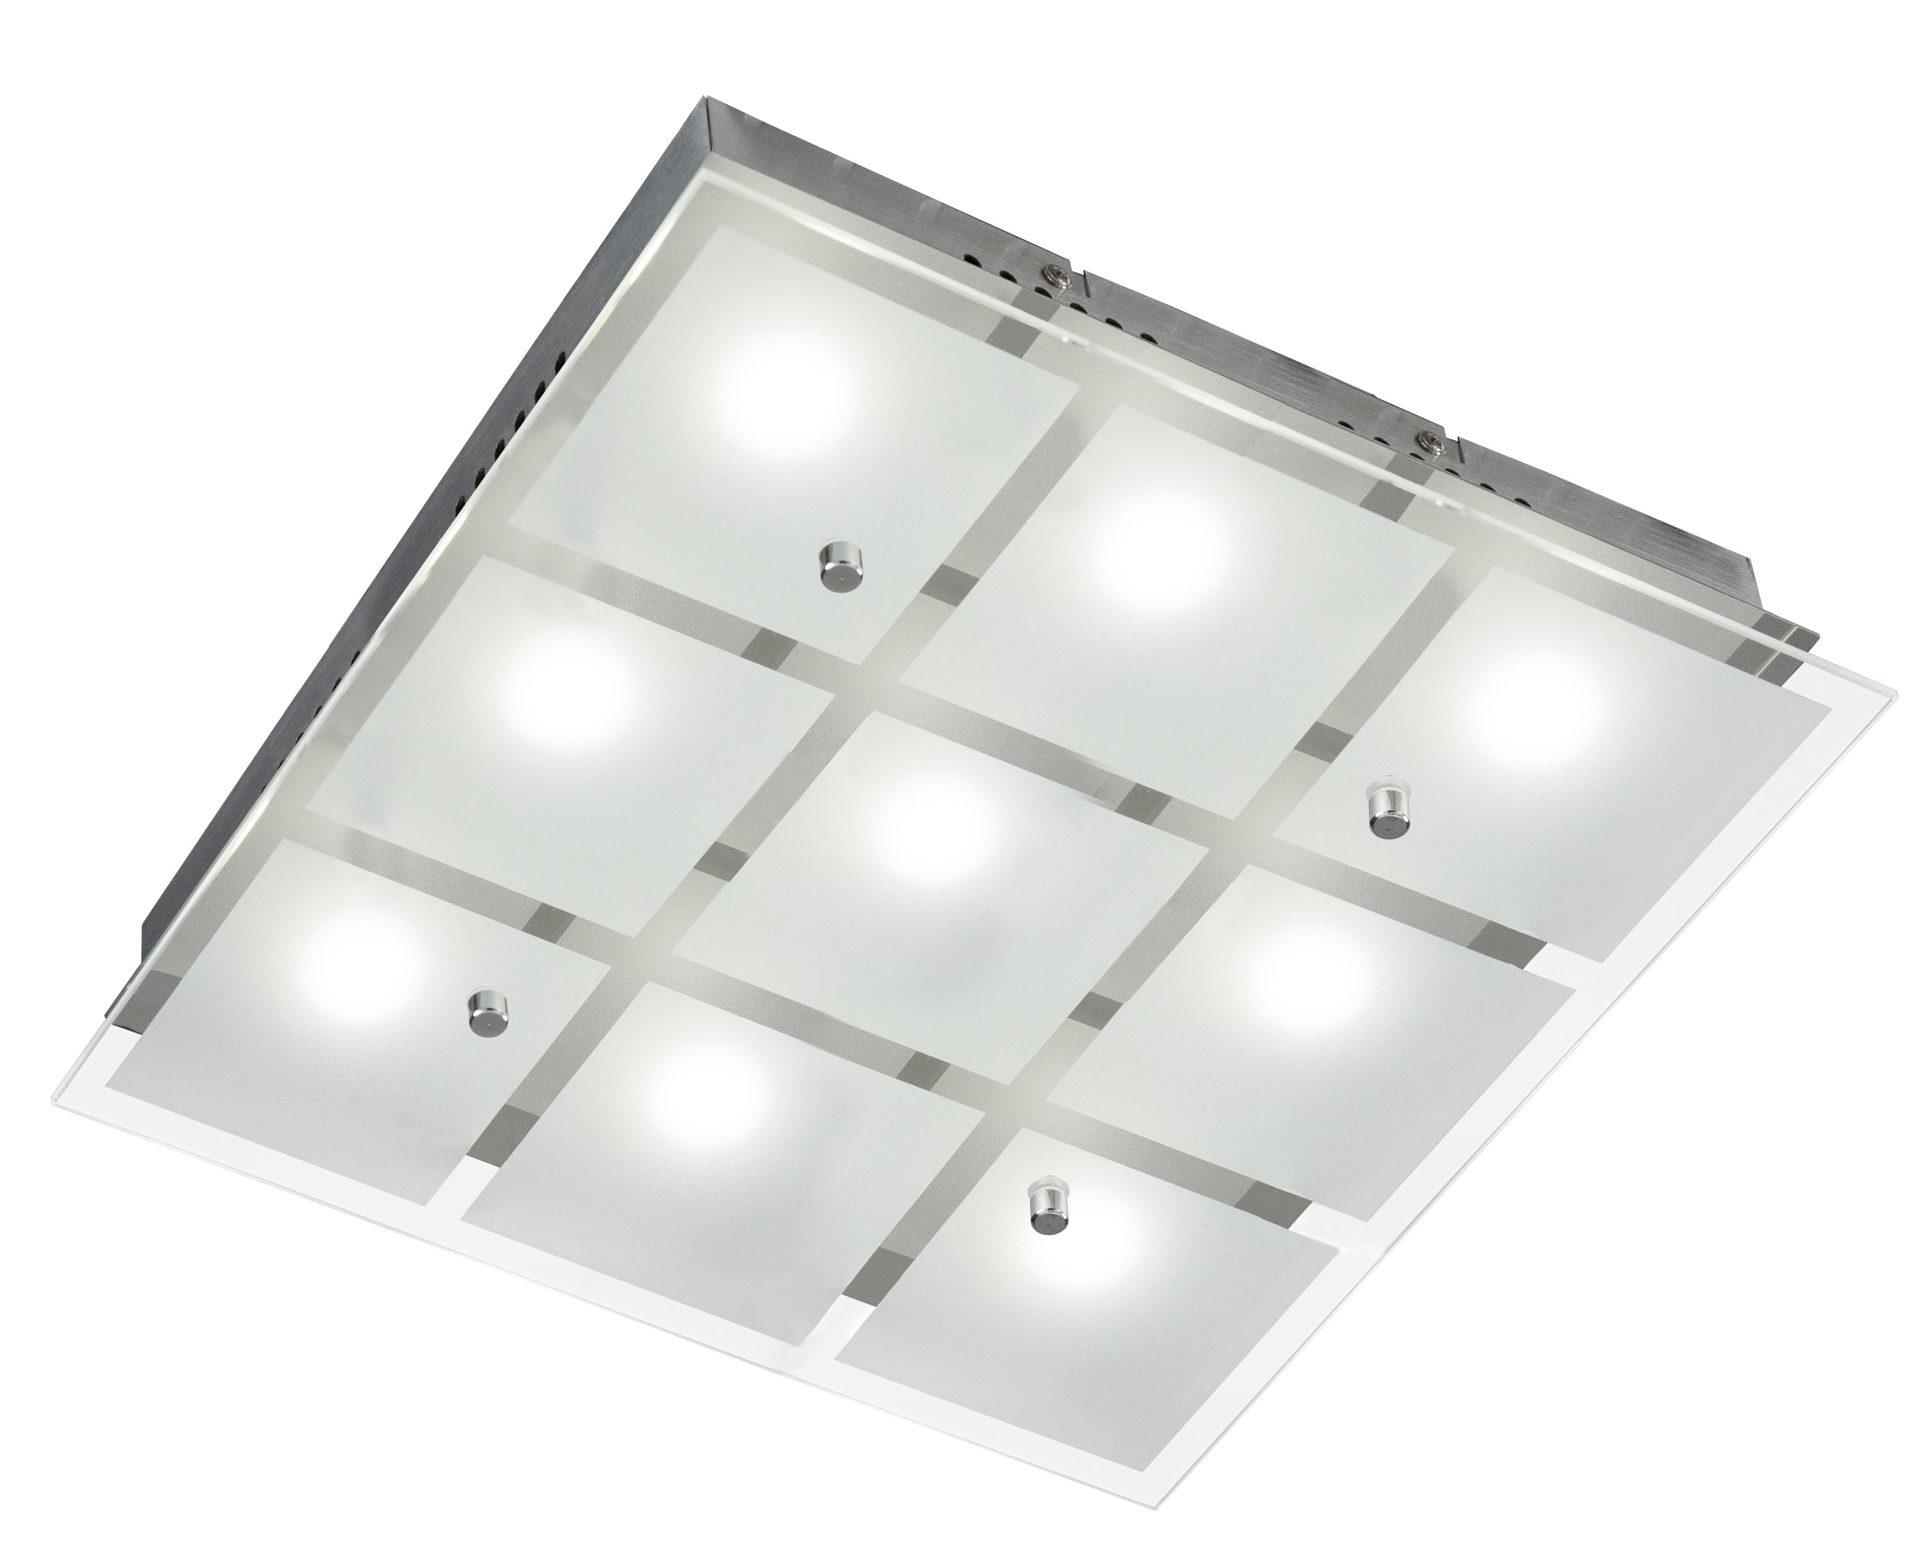 Raeume-Schlafzimmer-Lampen-und-Leuchten-Deckenleuchte-Esto-aus-Glas-Metall-in-Weiss-ESTO-LED-Wand-und-Deckenleuchte-Kendo-Chrom-und-teilsatiniertes-Glas-sechsflammig-ca-37-x-37-cm-guenstiger Stilvolle Lampen In Der Wand Dekorationen